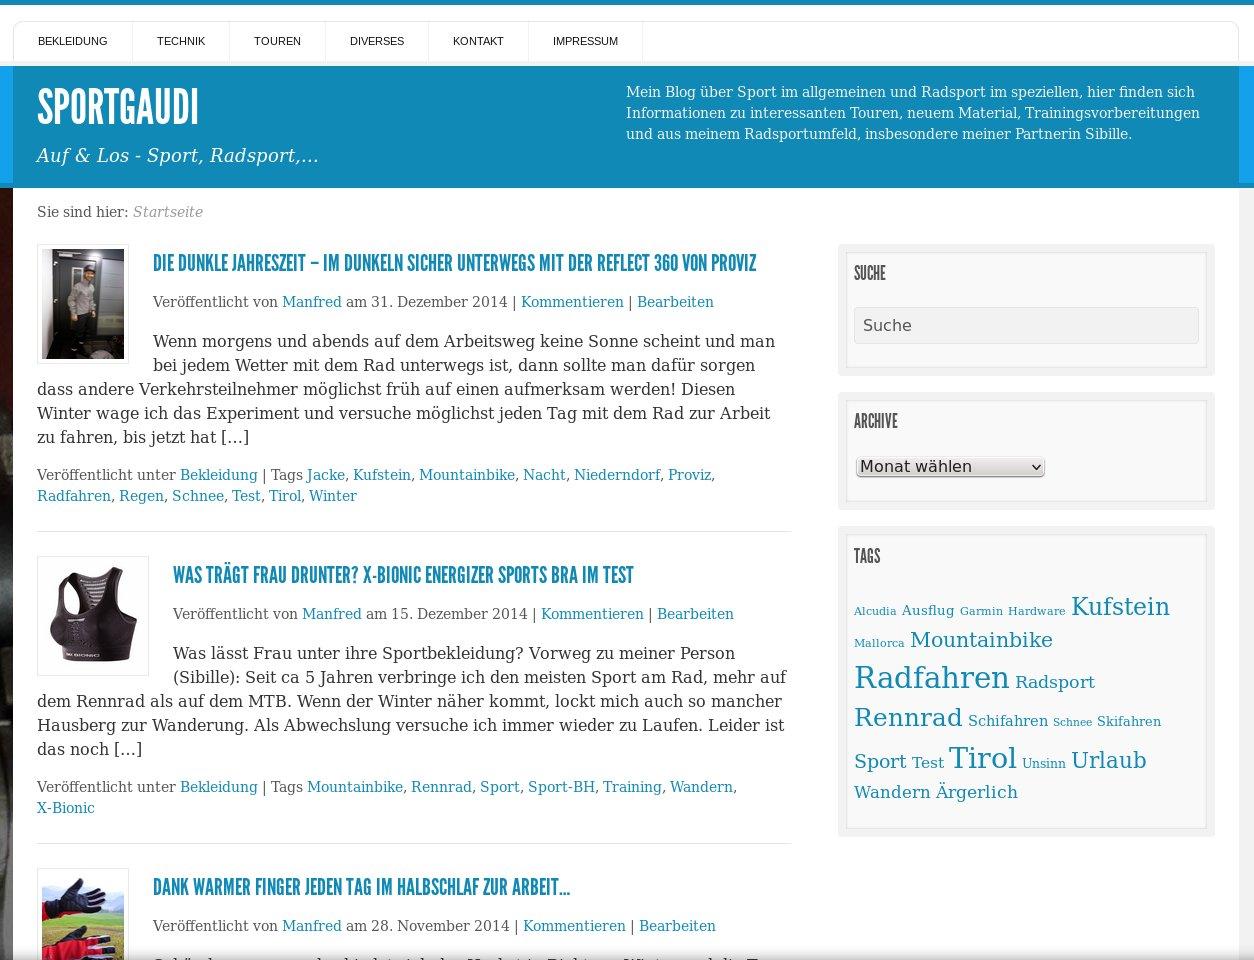 Sportgaudi von blogger.com auf eigenen Server übersiedelt